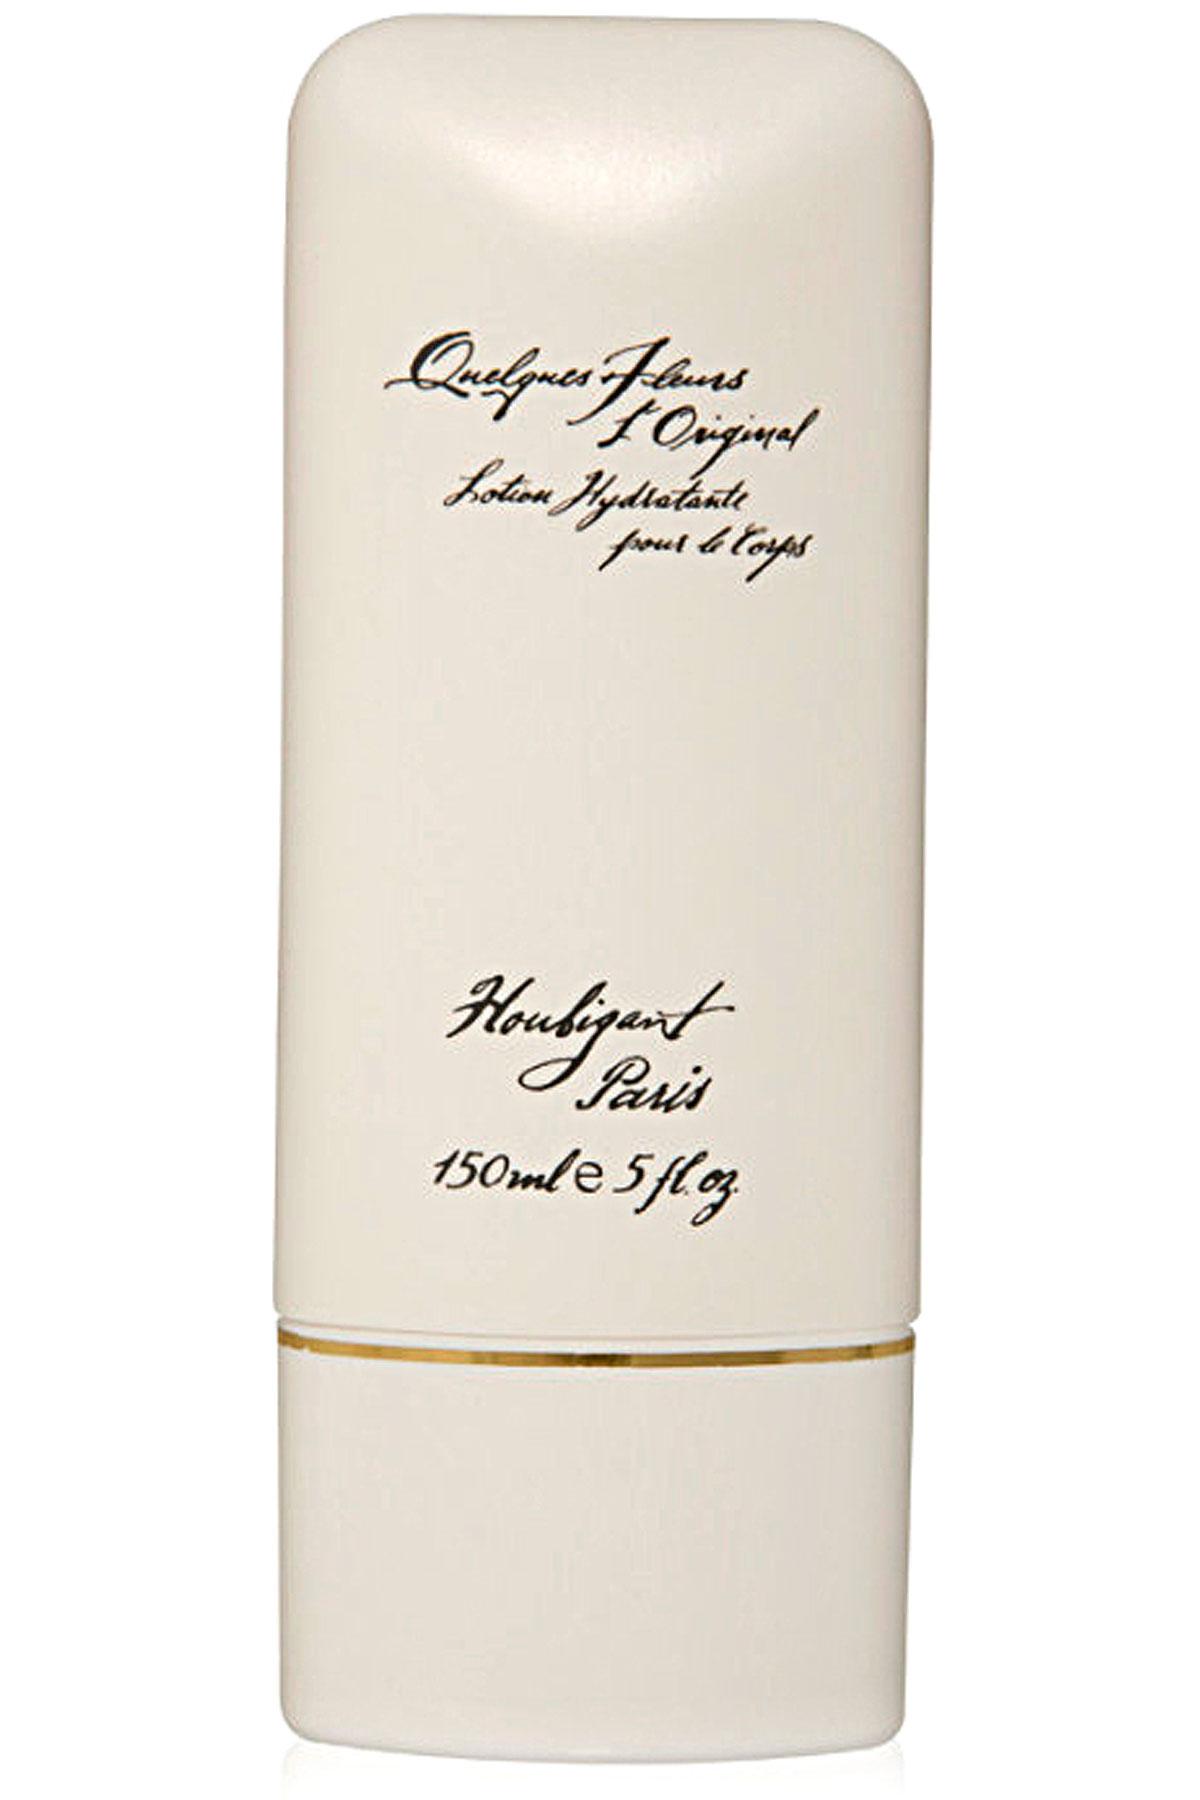 Houbigant Paris Beauty for Women, Quelques Fleurs L Original - Body Lotion - 150 Ml, 2019, 150 ml